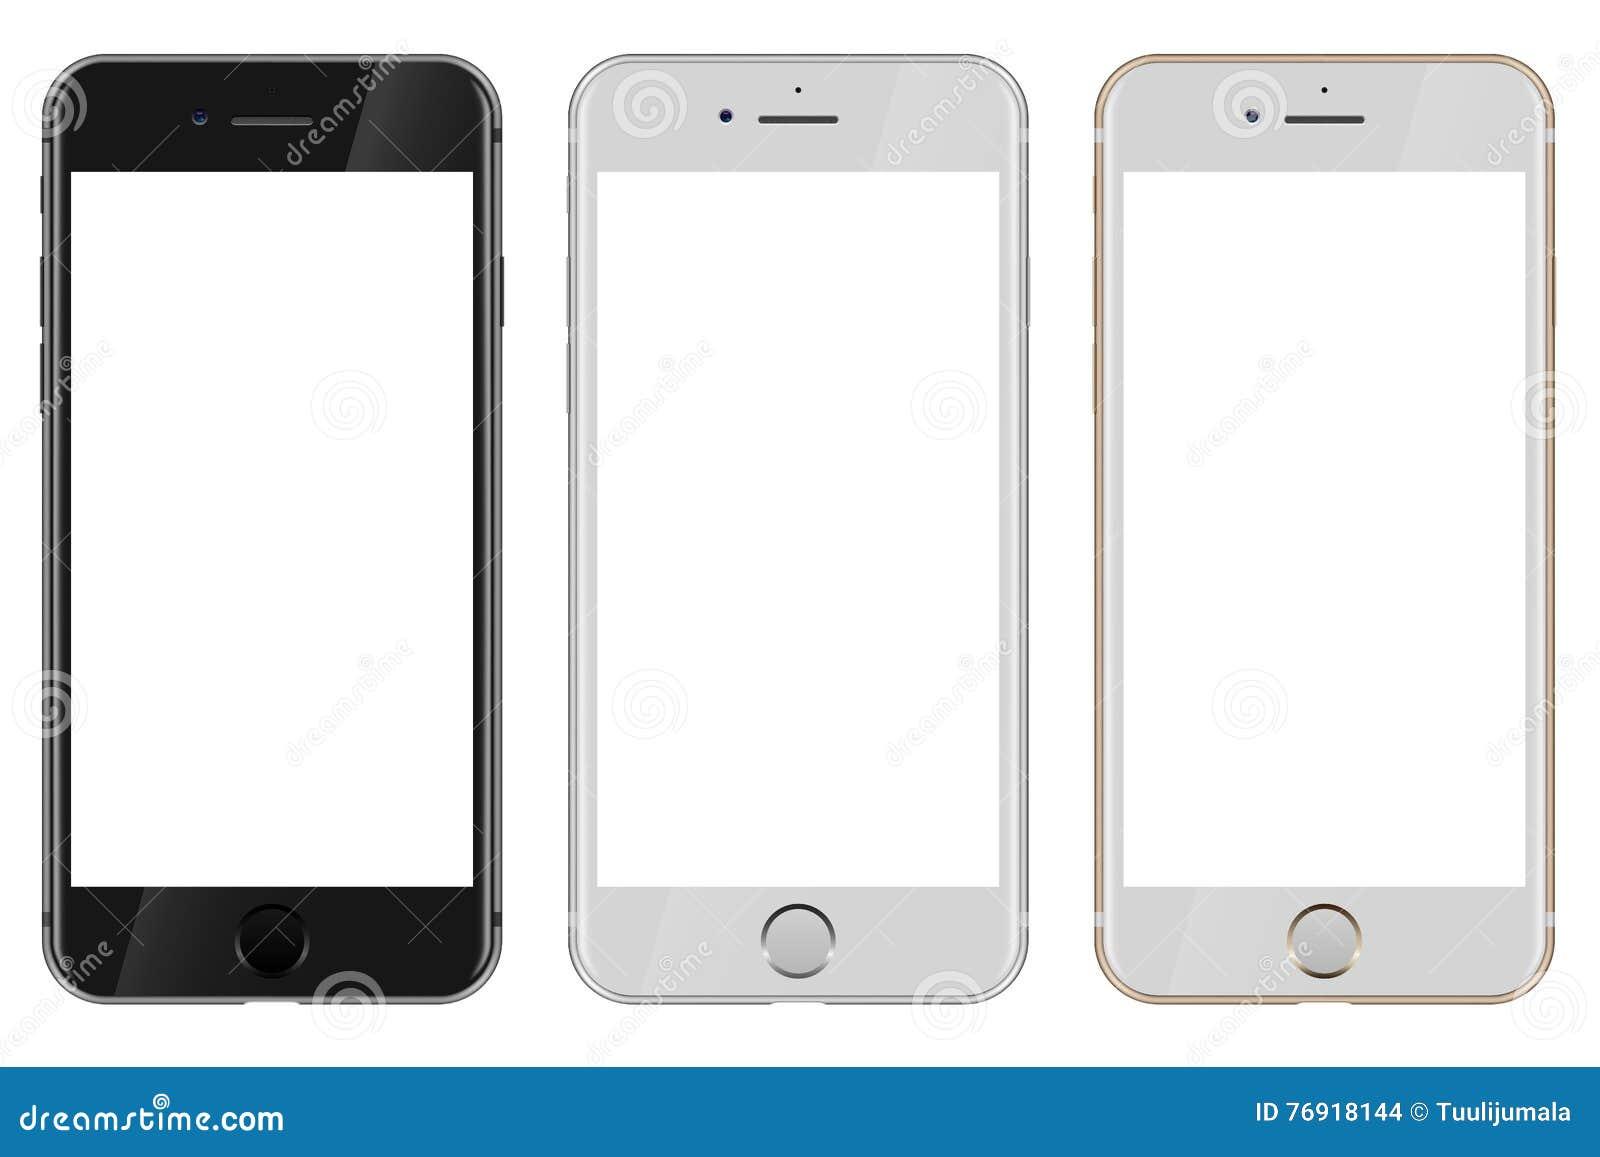 Μπροστινή άποψη του μαύρου, άσπρου και χρυσού iPhone 7 της Apple με το κενό wh